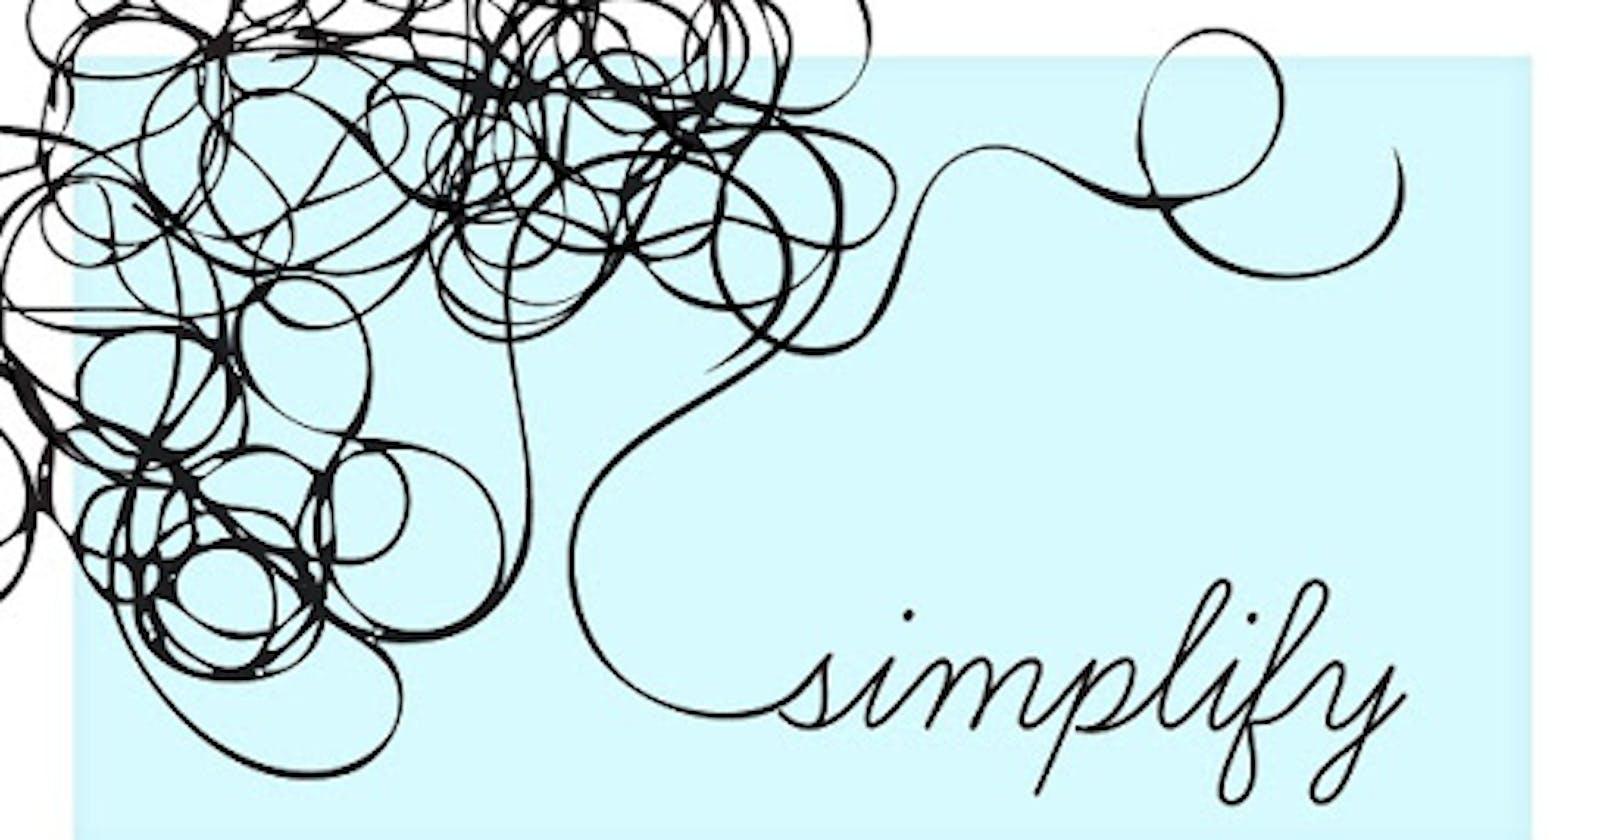 Economy of Simplicity.